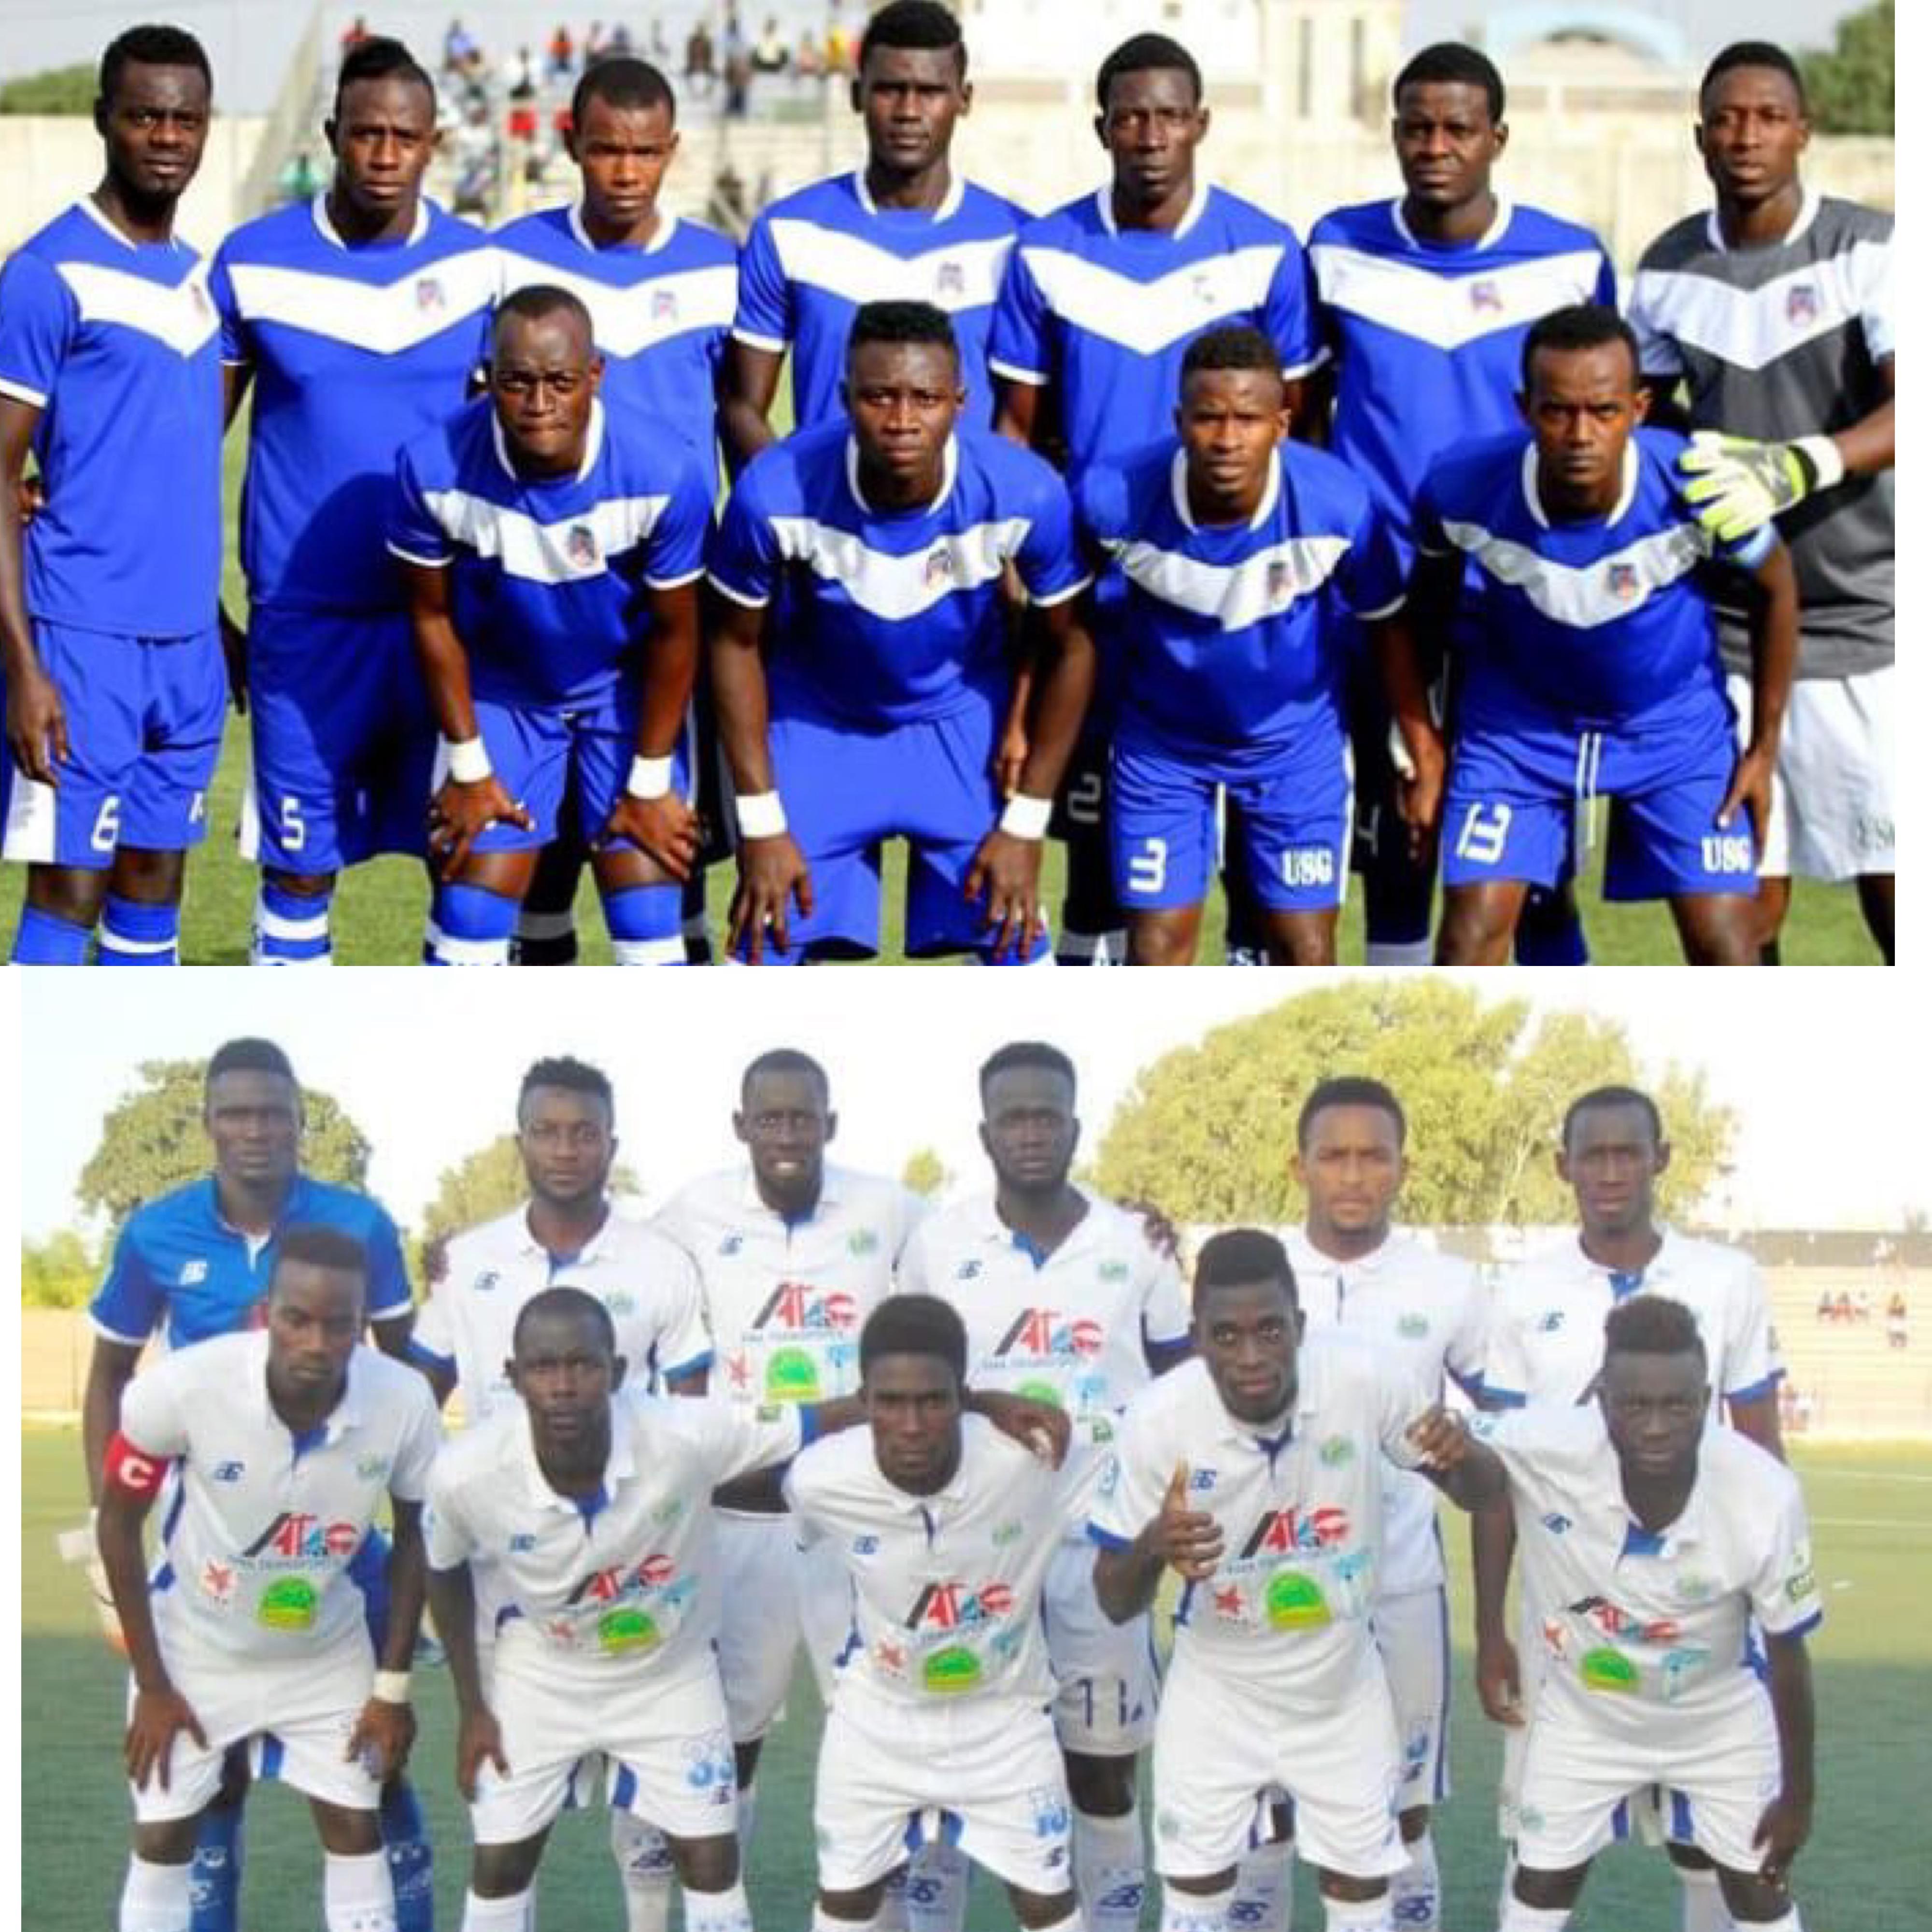 Finale coupe du Sénégal : Goréens et Rufisquois s'affrontent ce dimanche au stade Lat Dior